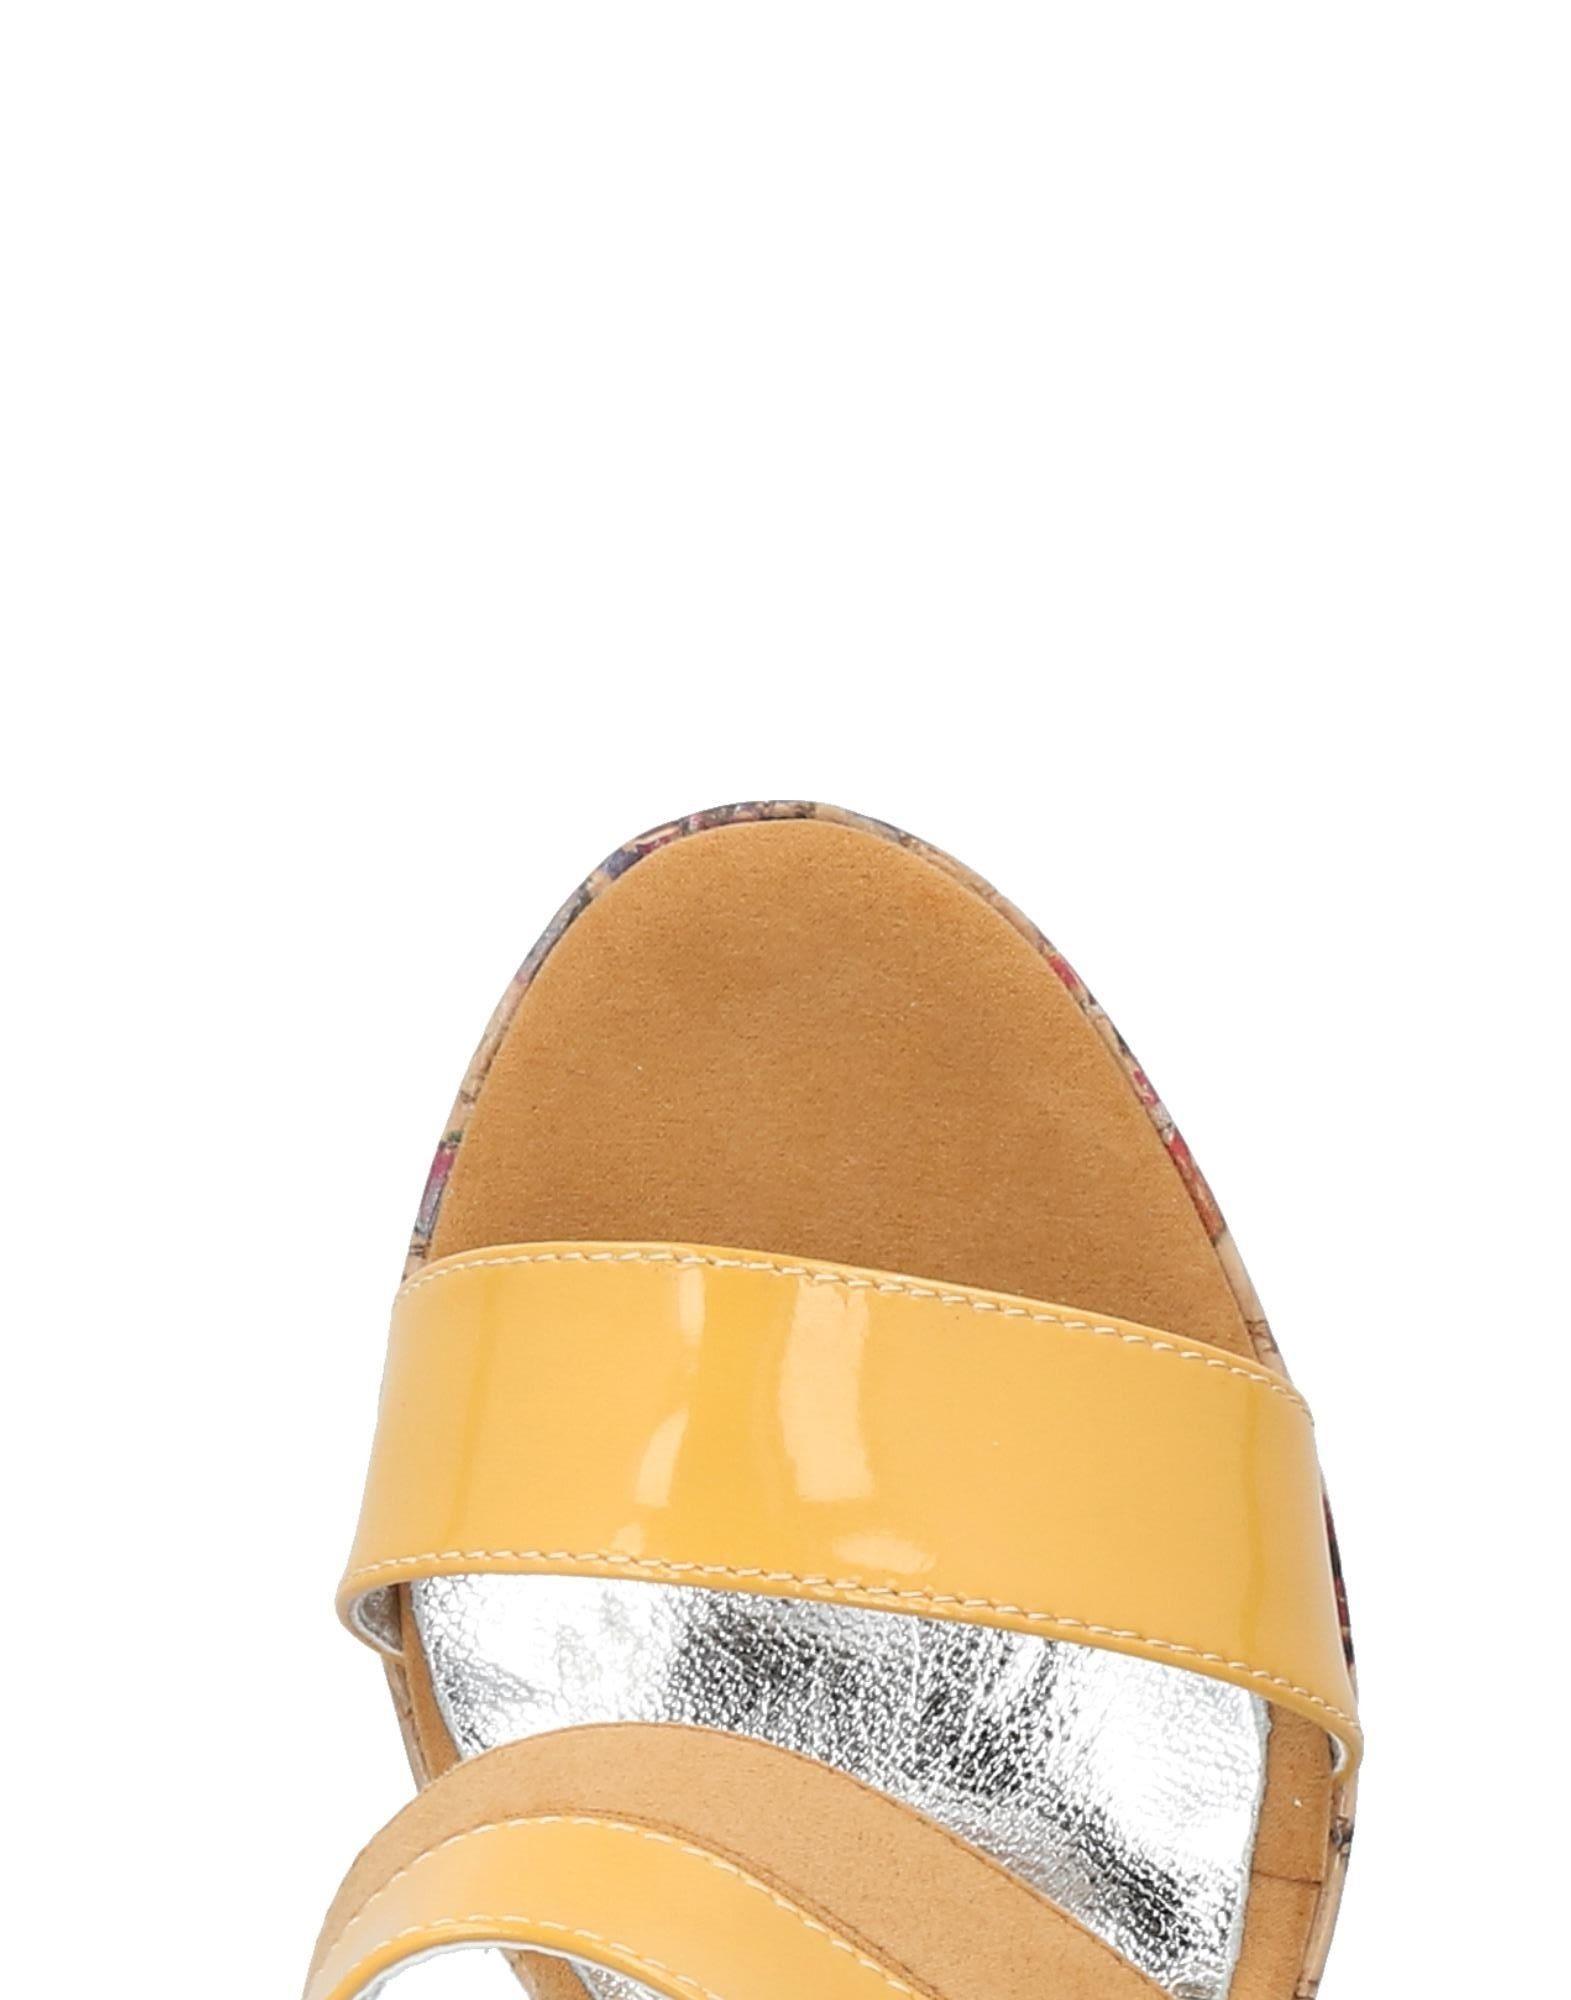 Nila & Nila Sandalen Neue Damen  11442462IH Neue Sandalen Schuhe 25e52c